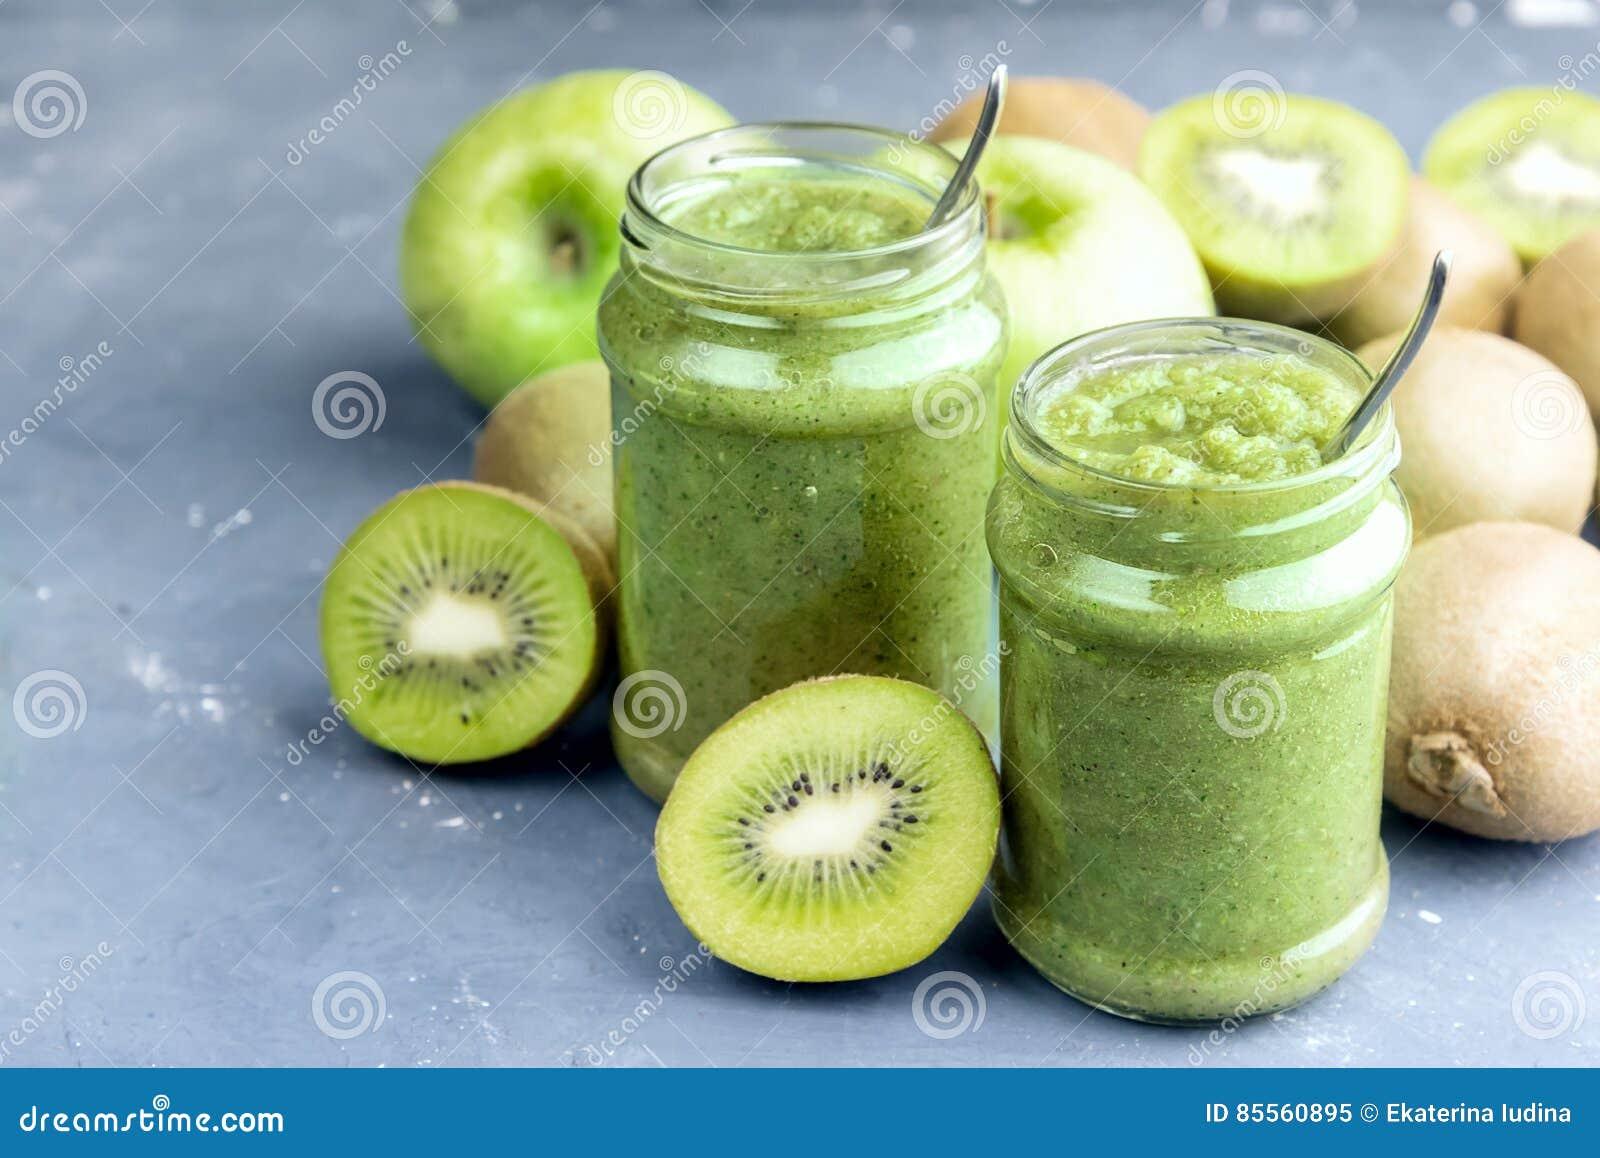 Grüner Detox Smoothie mit grünem Apfel und Kiwi